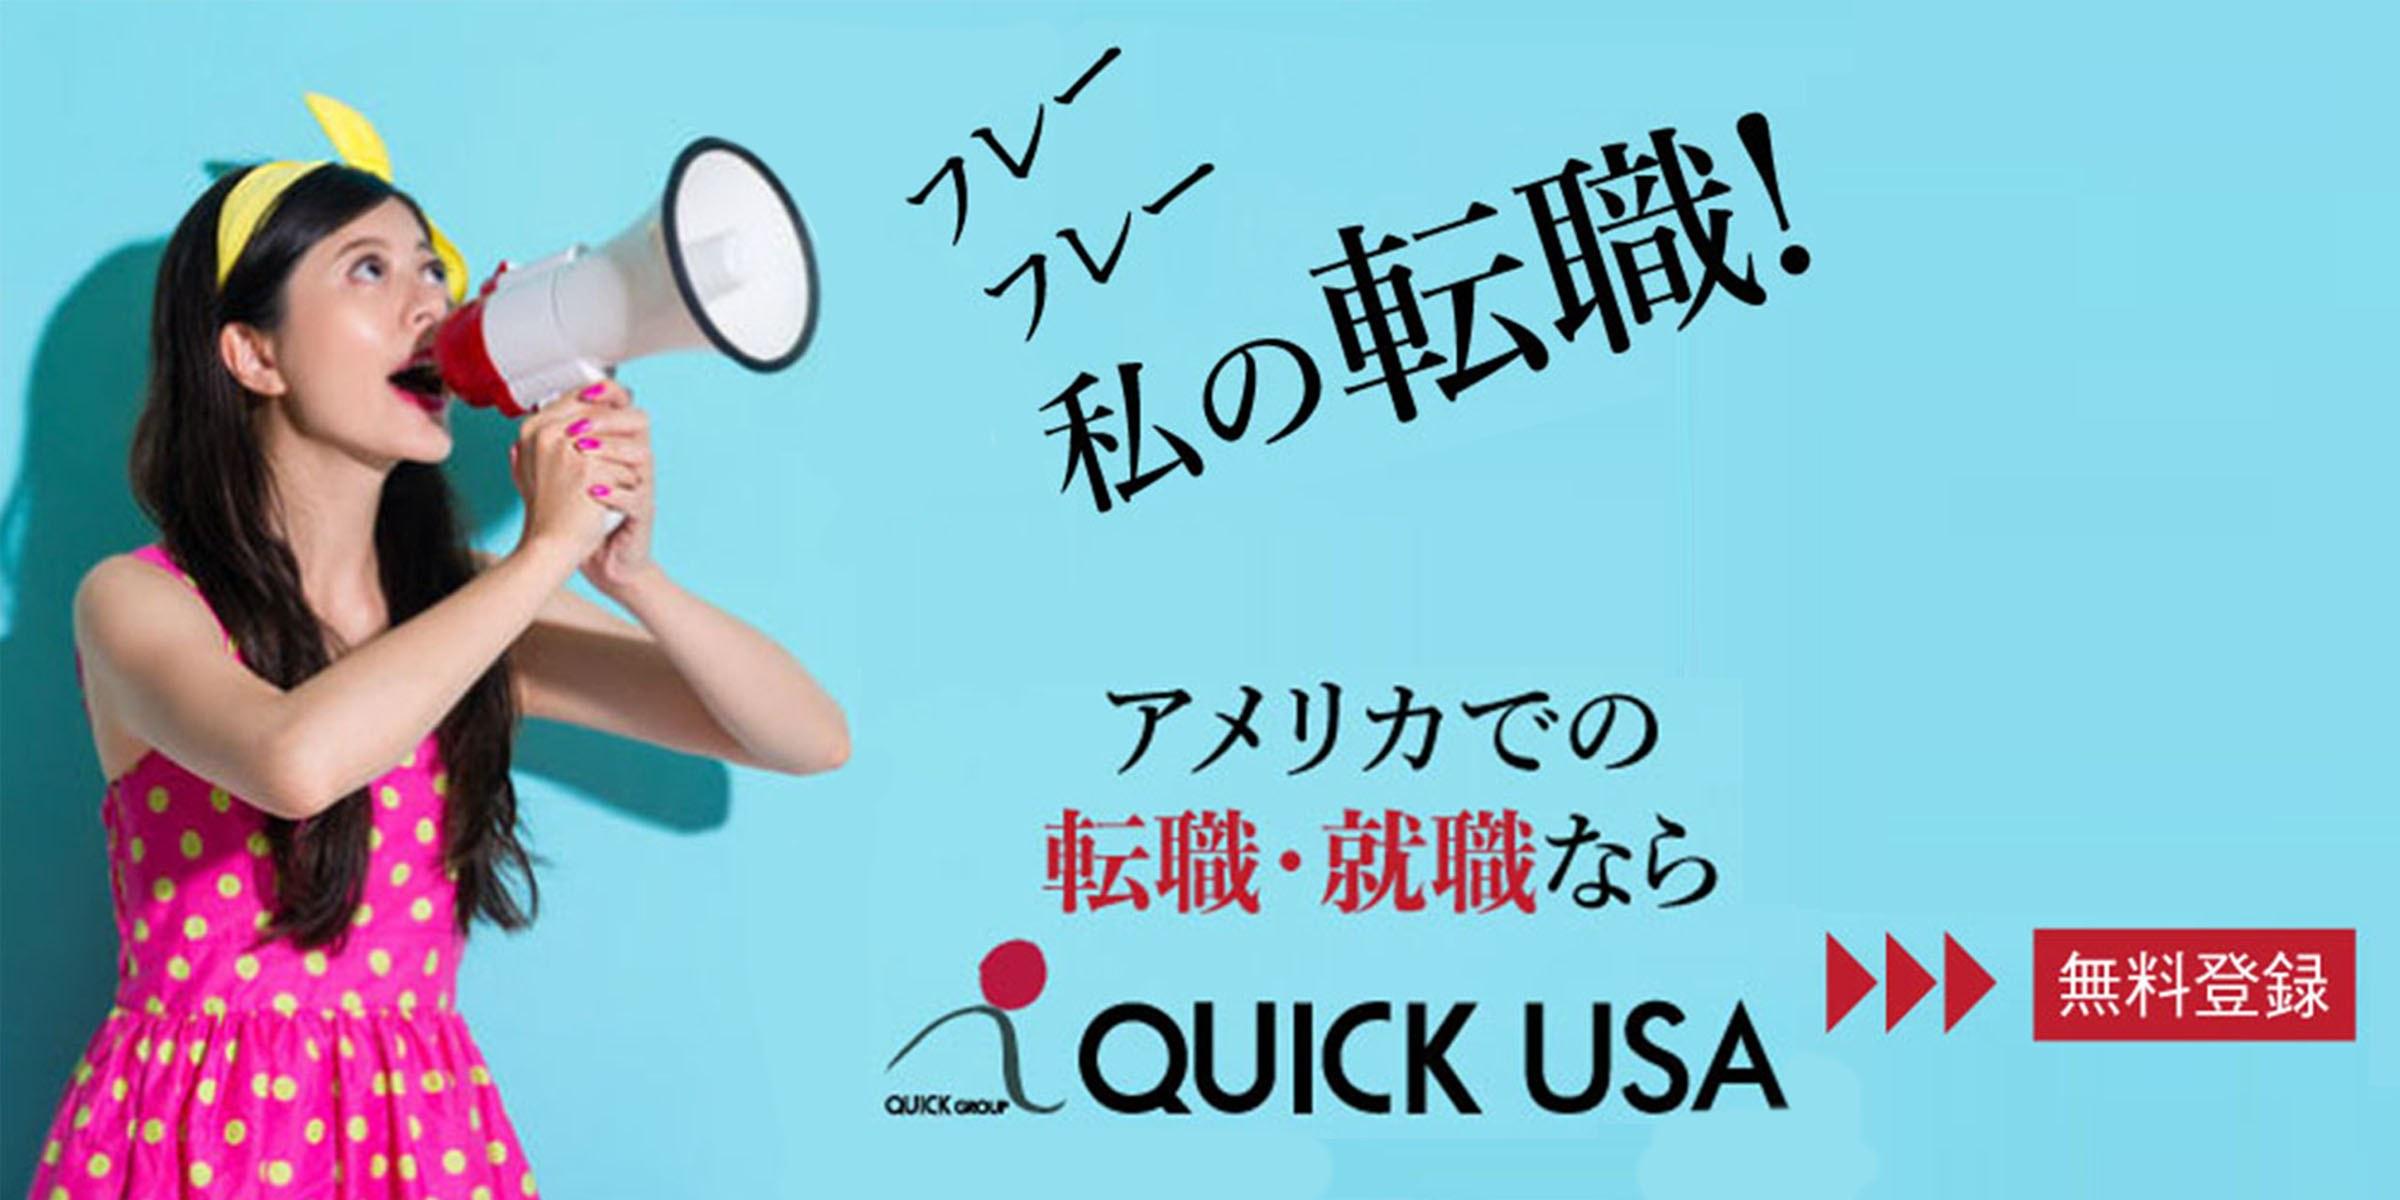 Quick USA お仕事探し Top